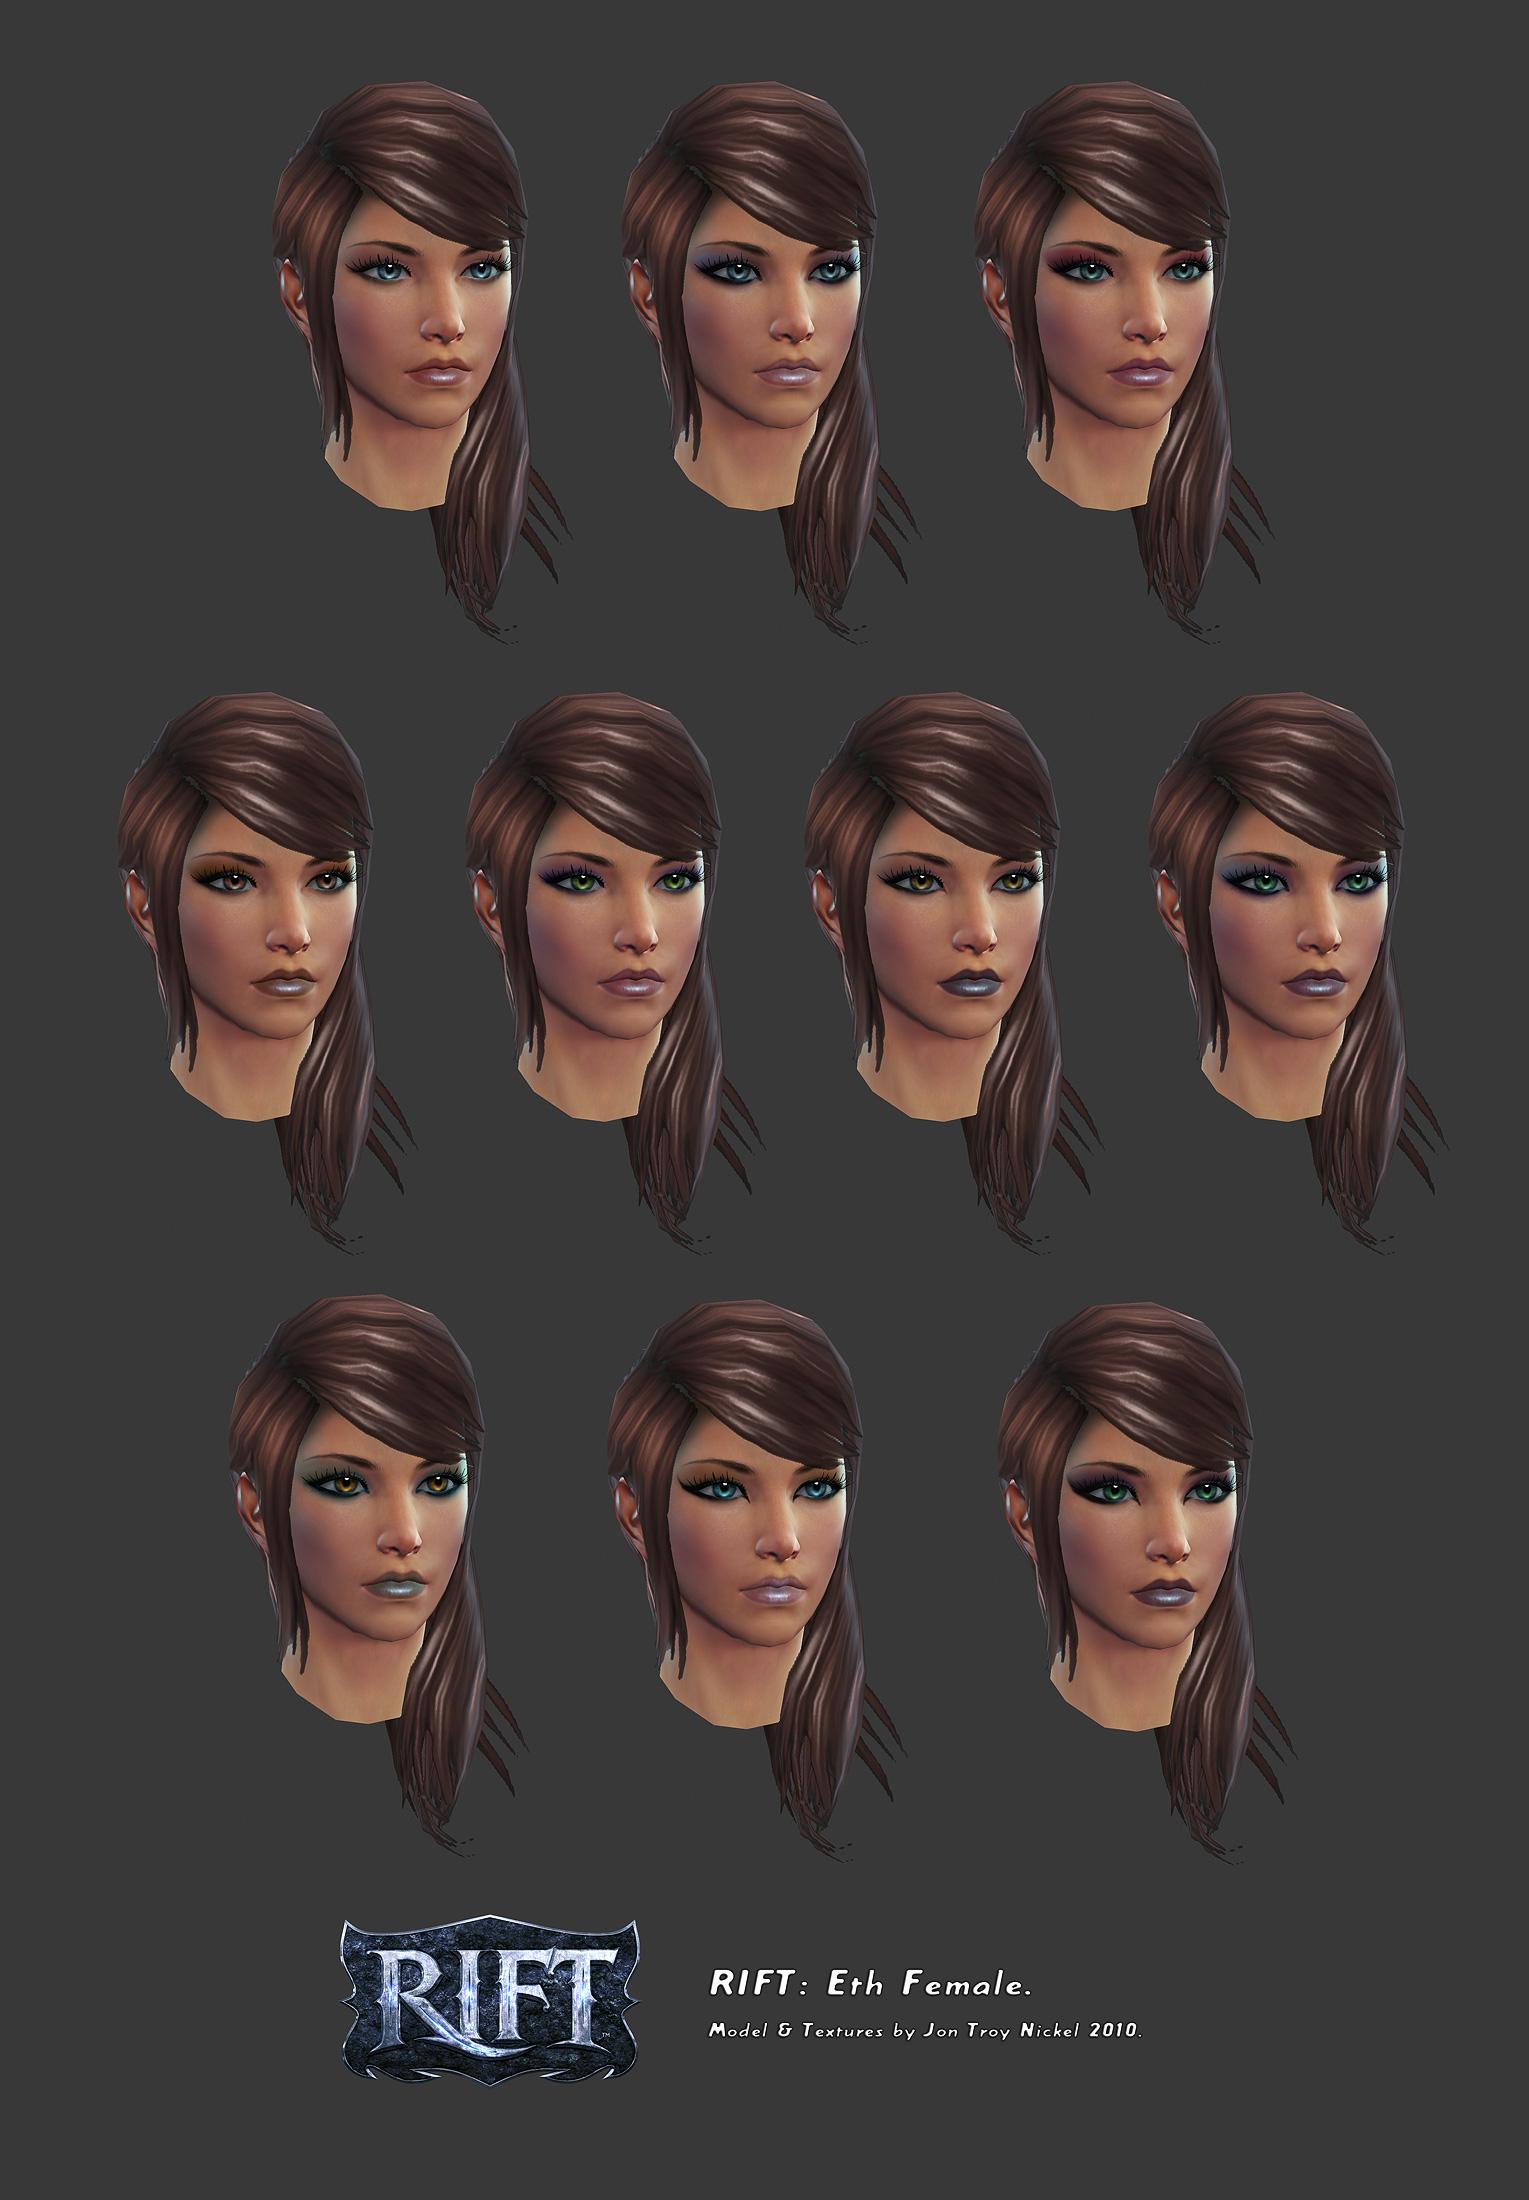 rift__eth_female_head_customisation_by_hyperdivine-d4nlhlo.jpg